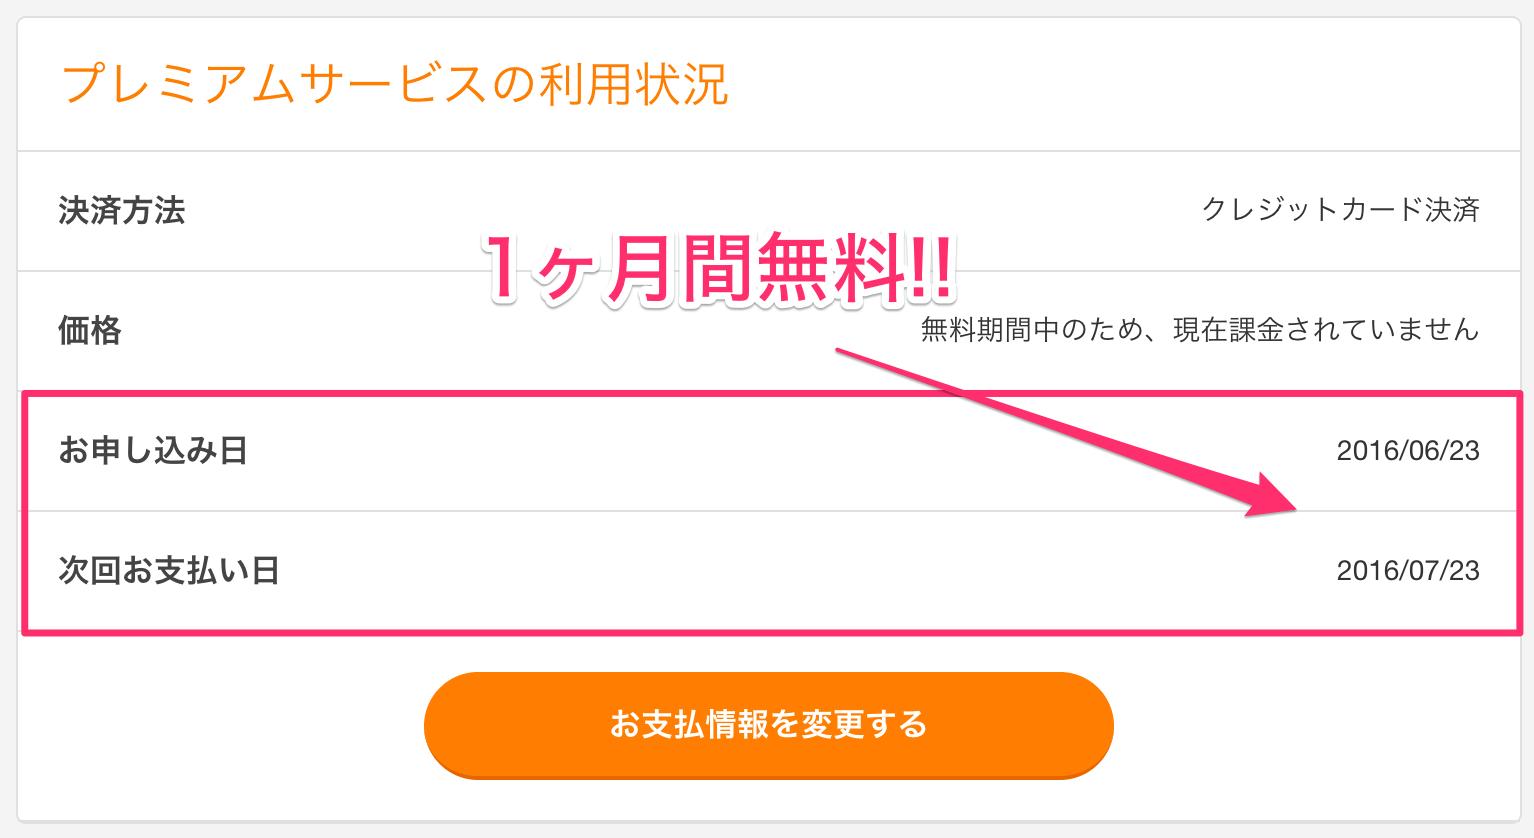 キャンペーンコードの使い方